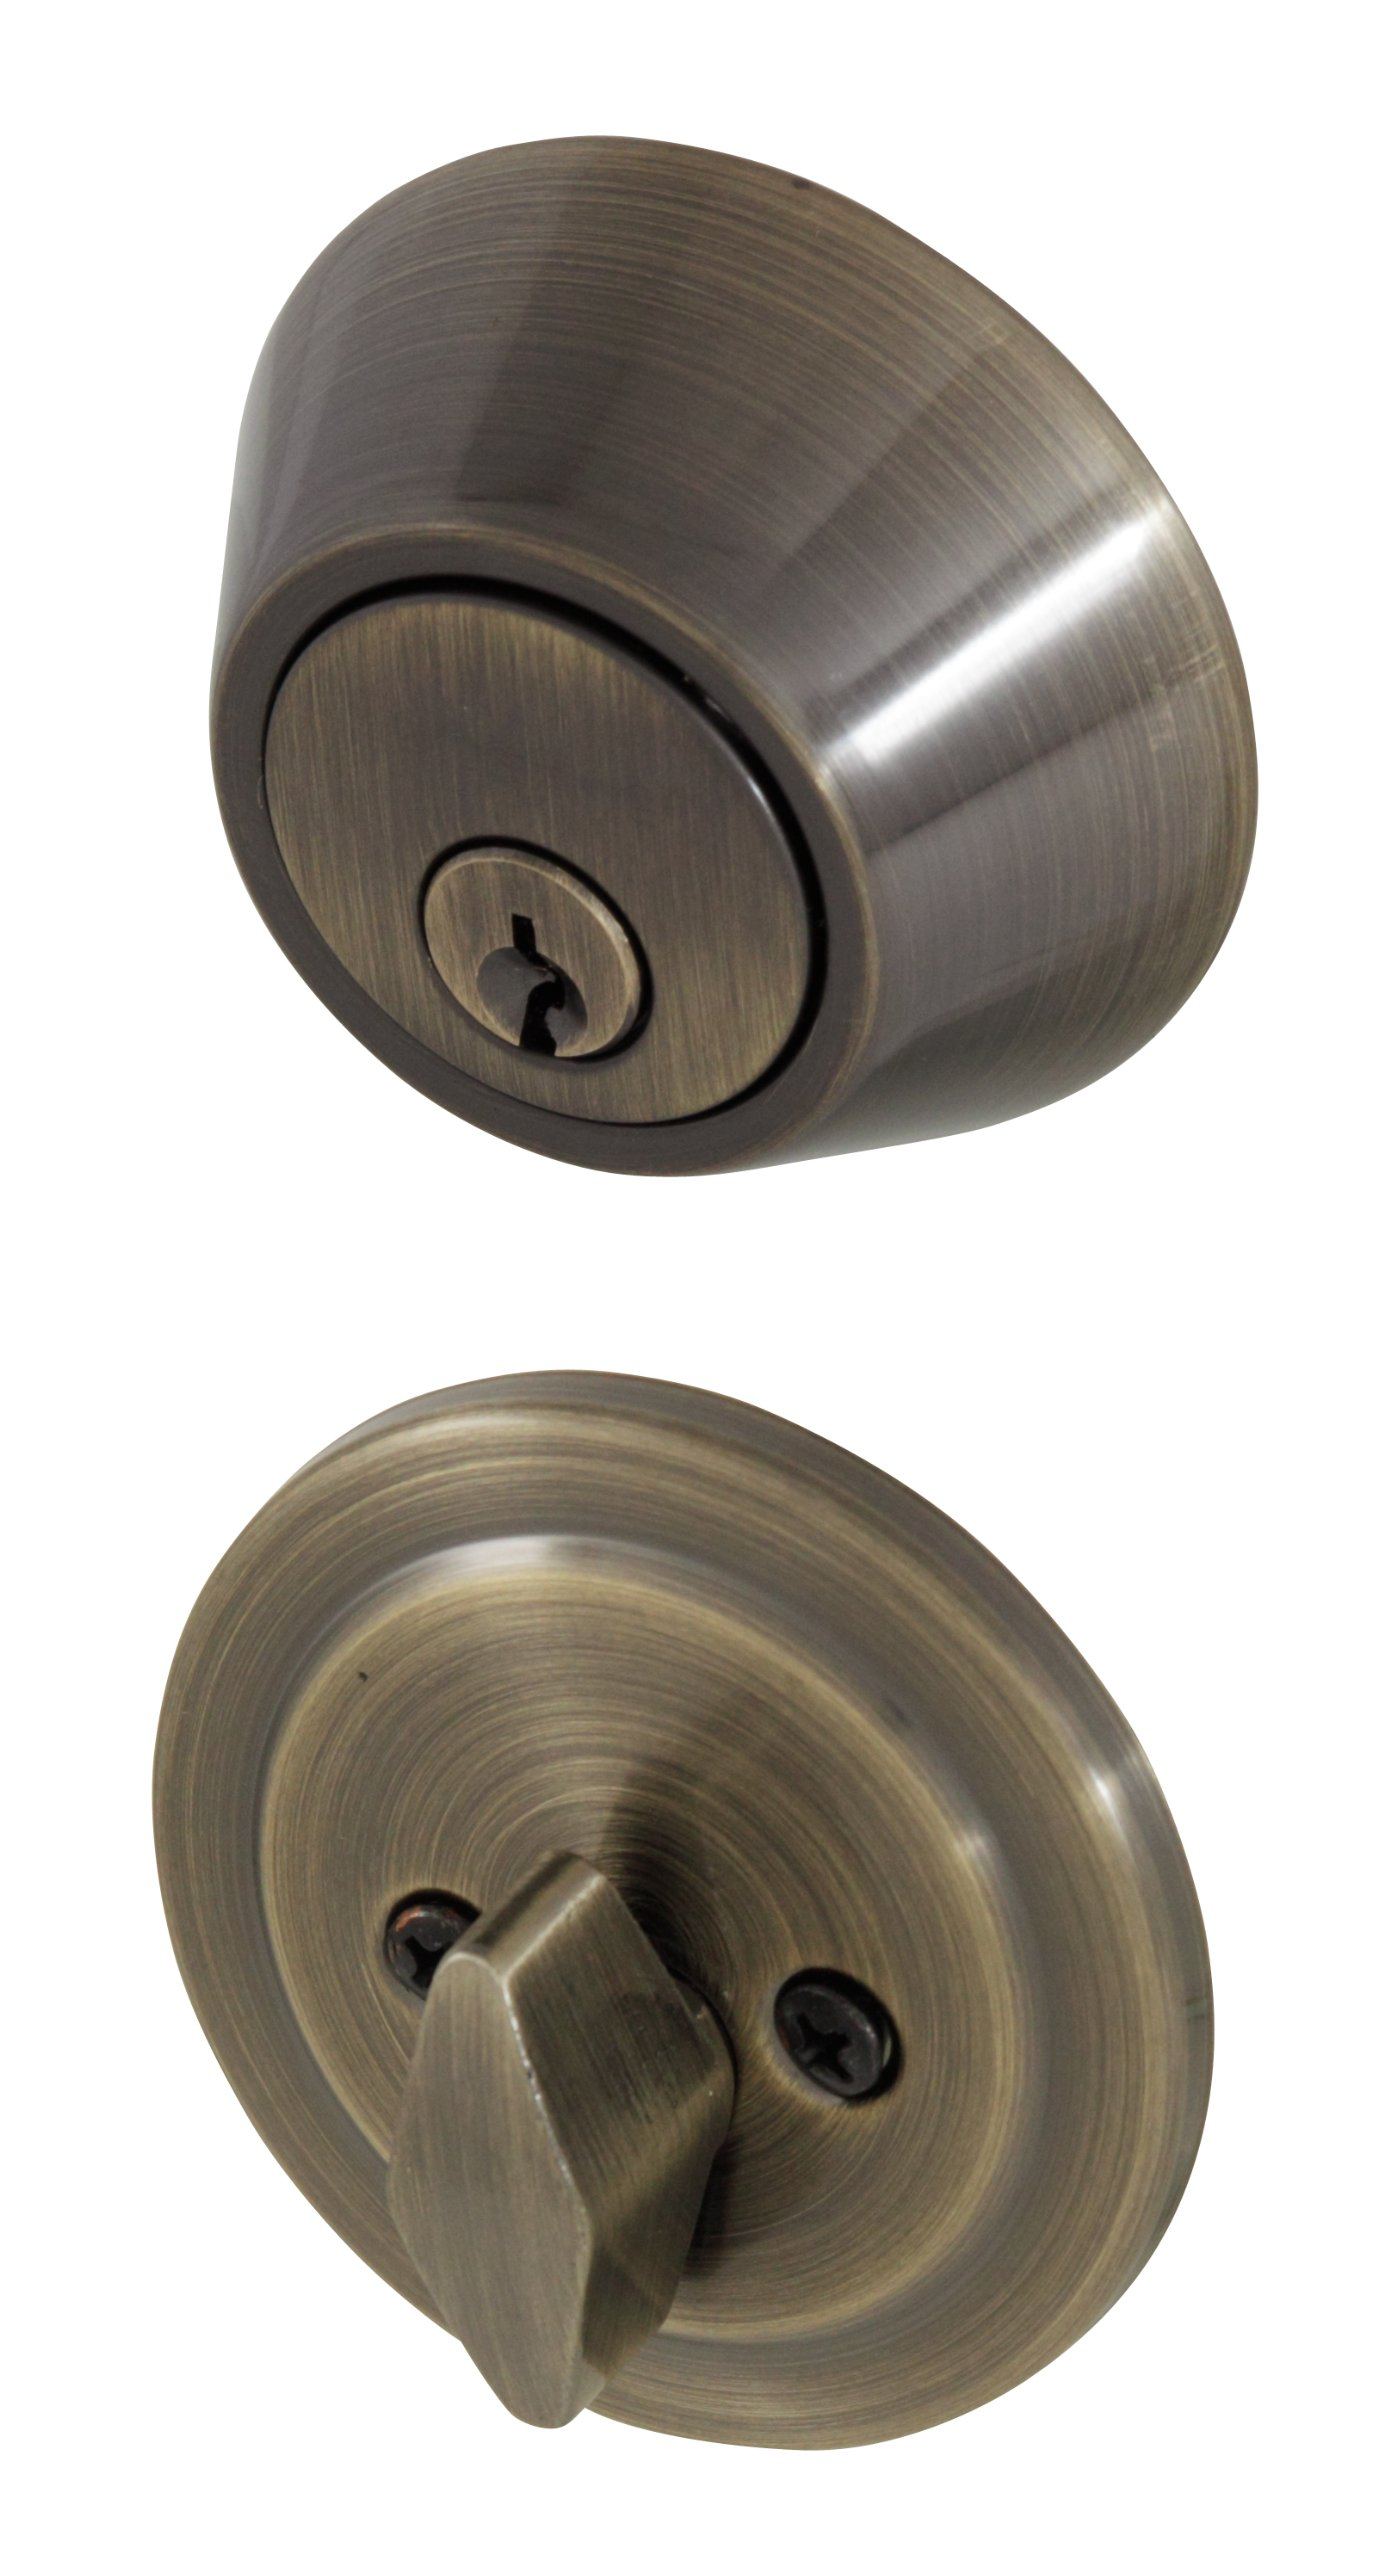 Honeywell 8111109 Single Cylinder Deadbolt, Antique Brass